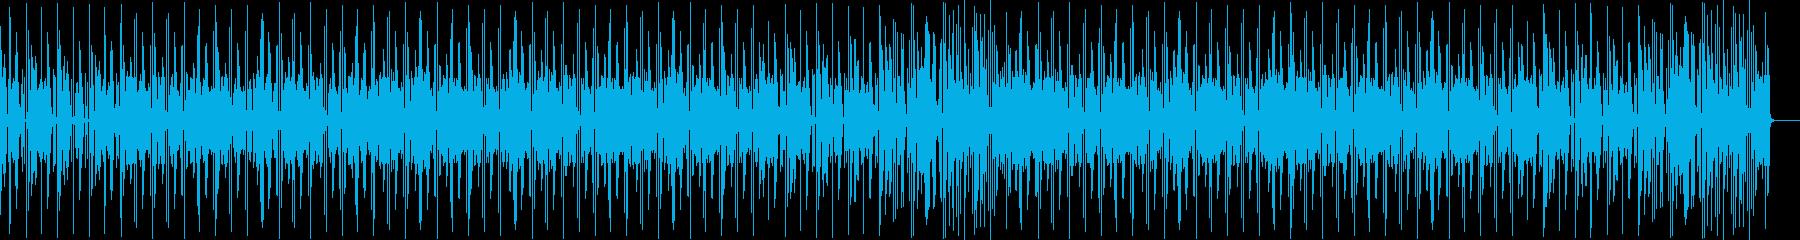 ファンキー・奇妙・ヒップホップの再生済みの波形